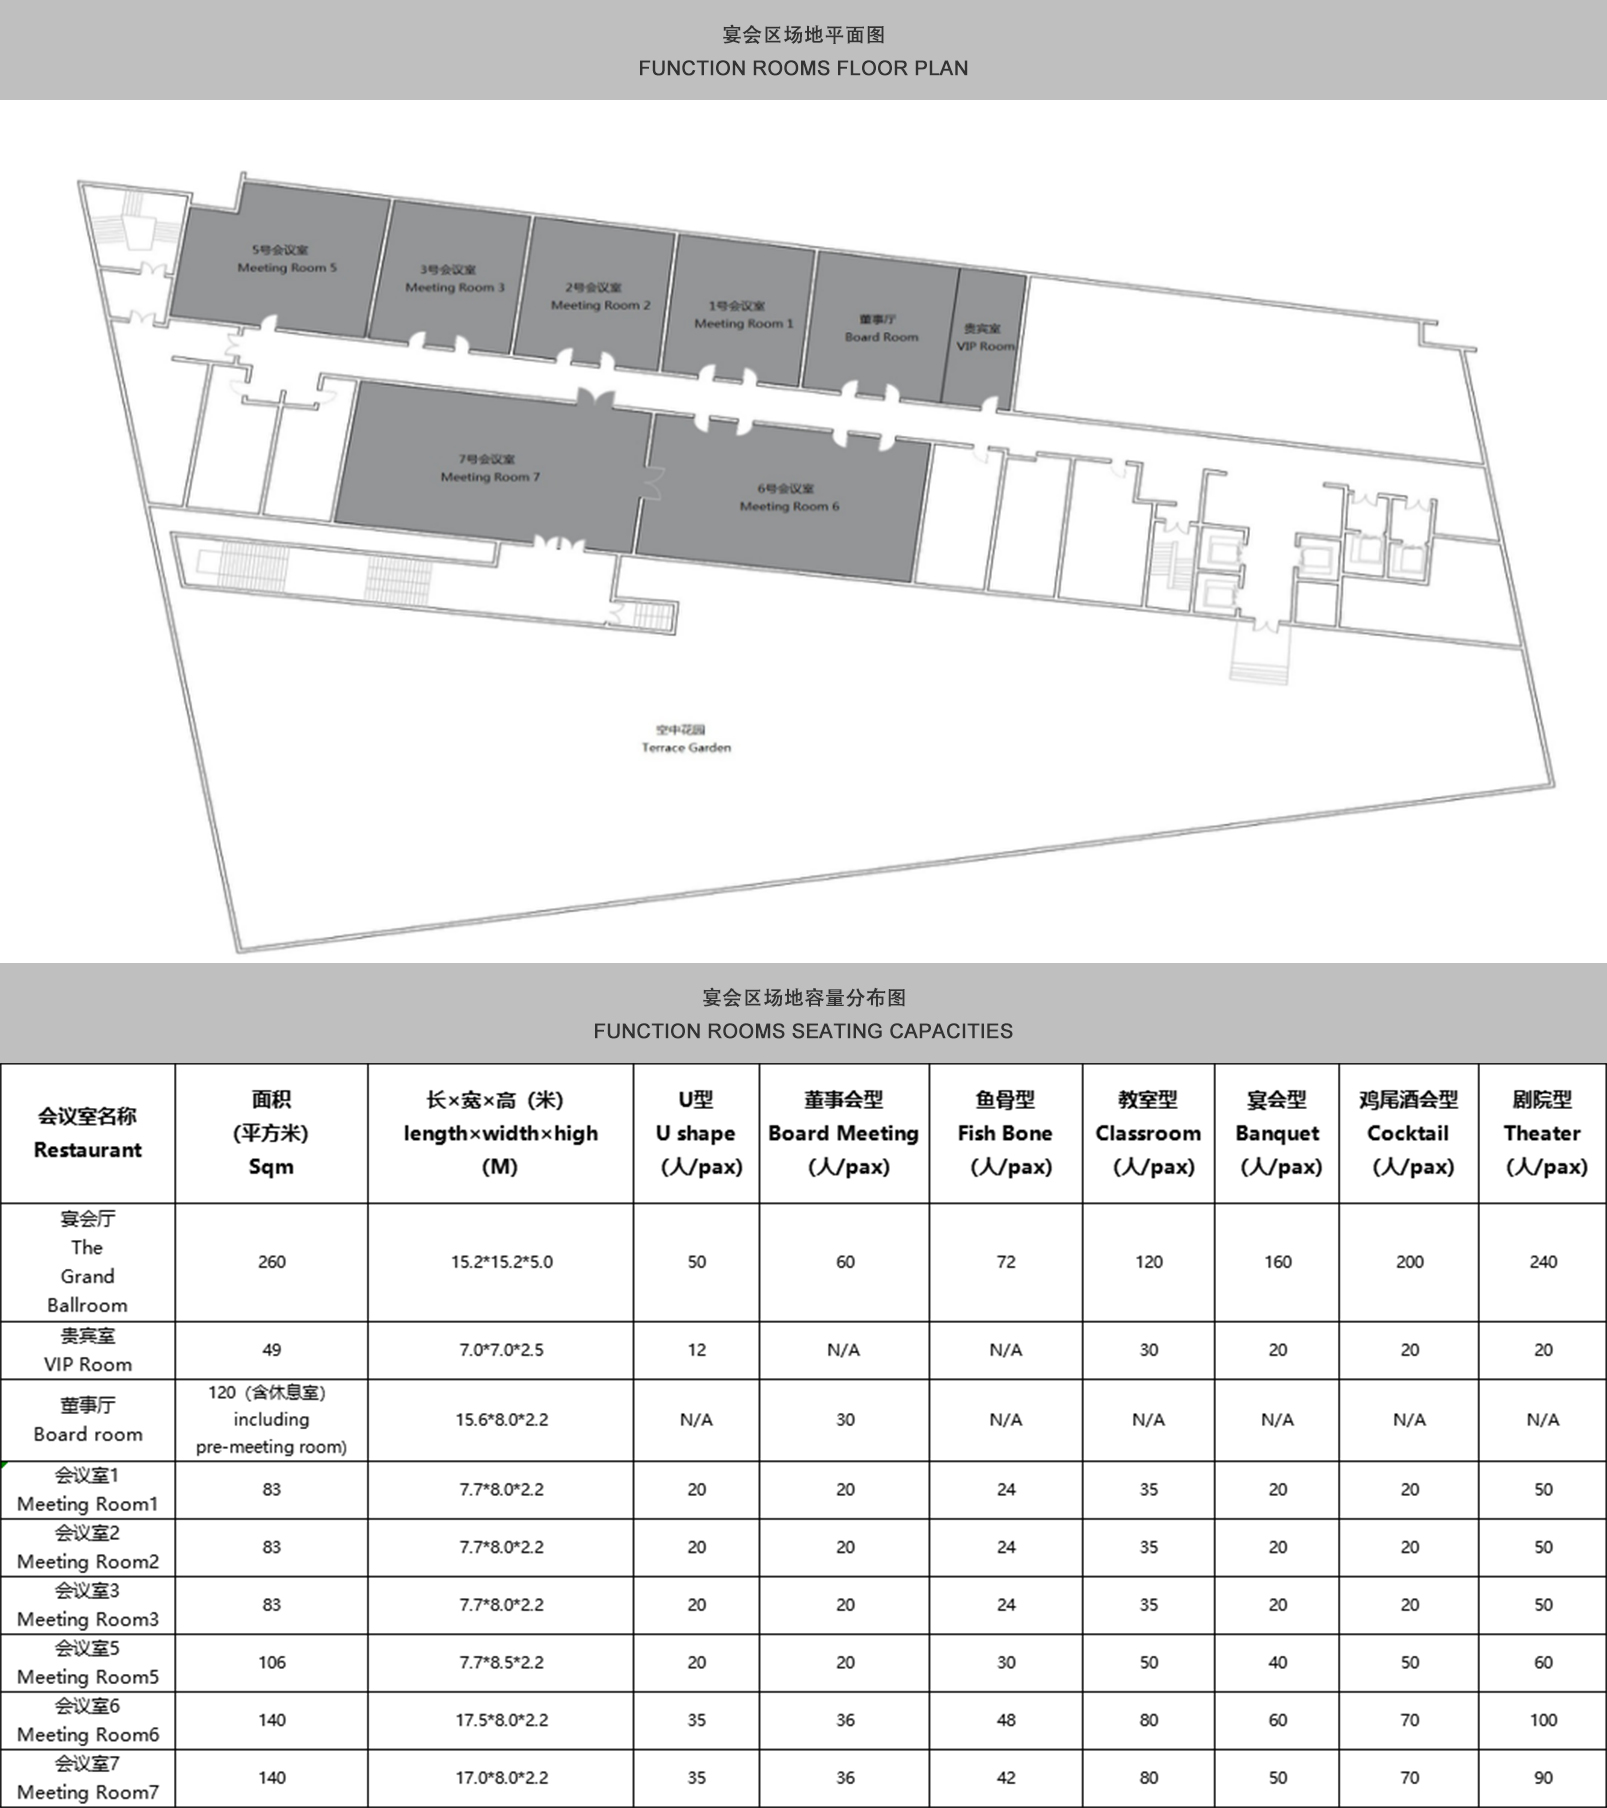 宴会区场地平面图和宴会区场地容量分布图